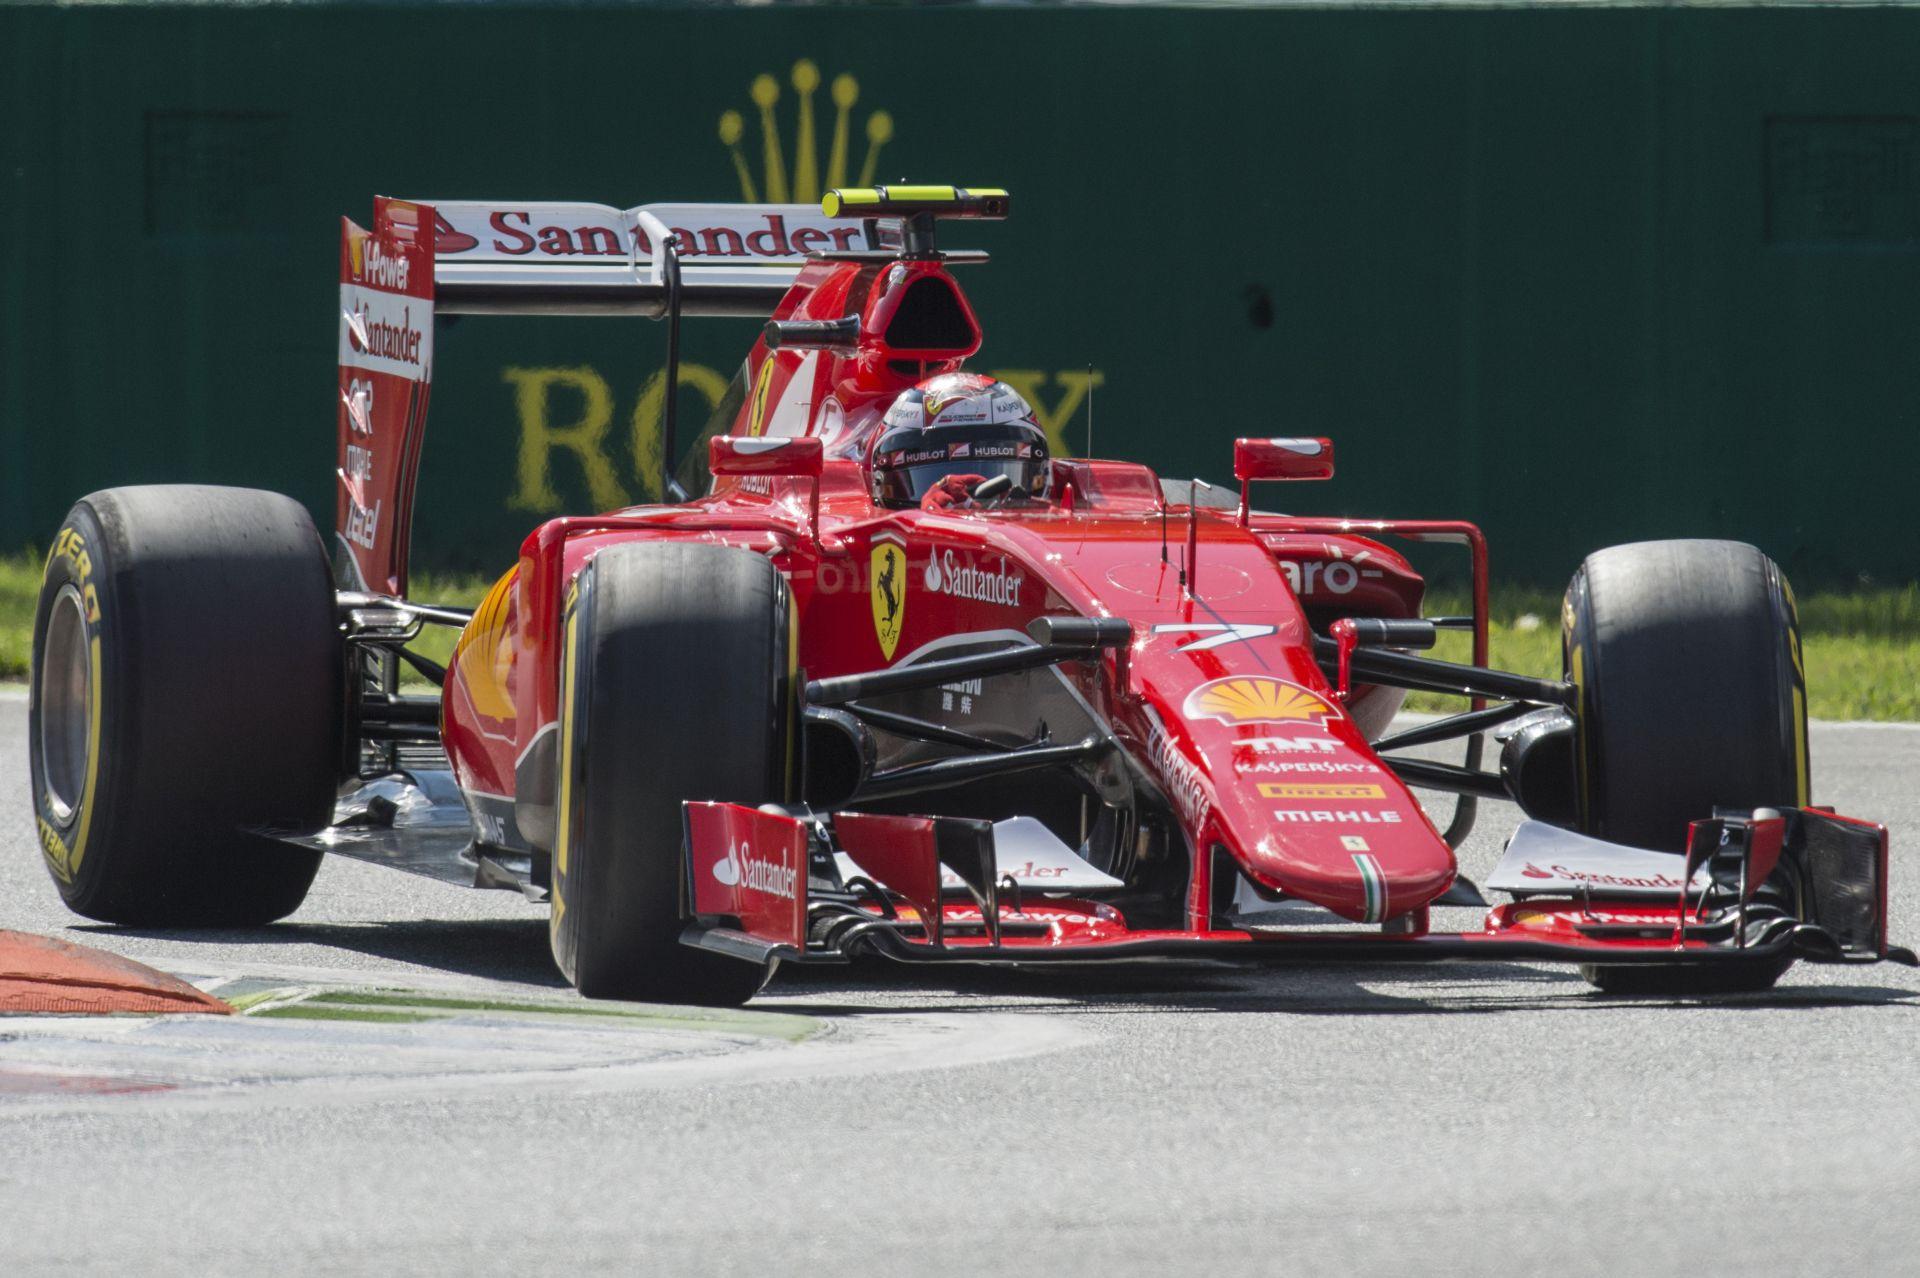 ÉLŐ F1-es műsor: Akárhogy is fáj, Räikkönen a király! (LIVE)